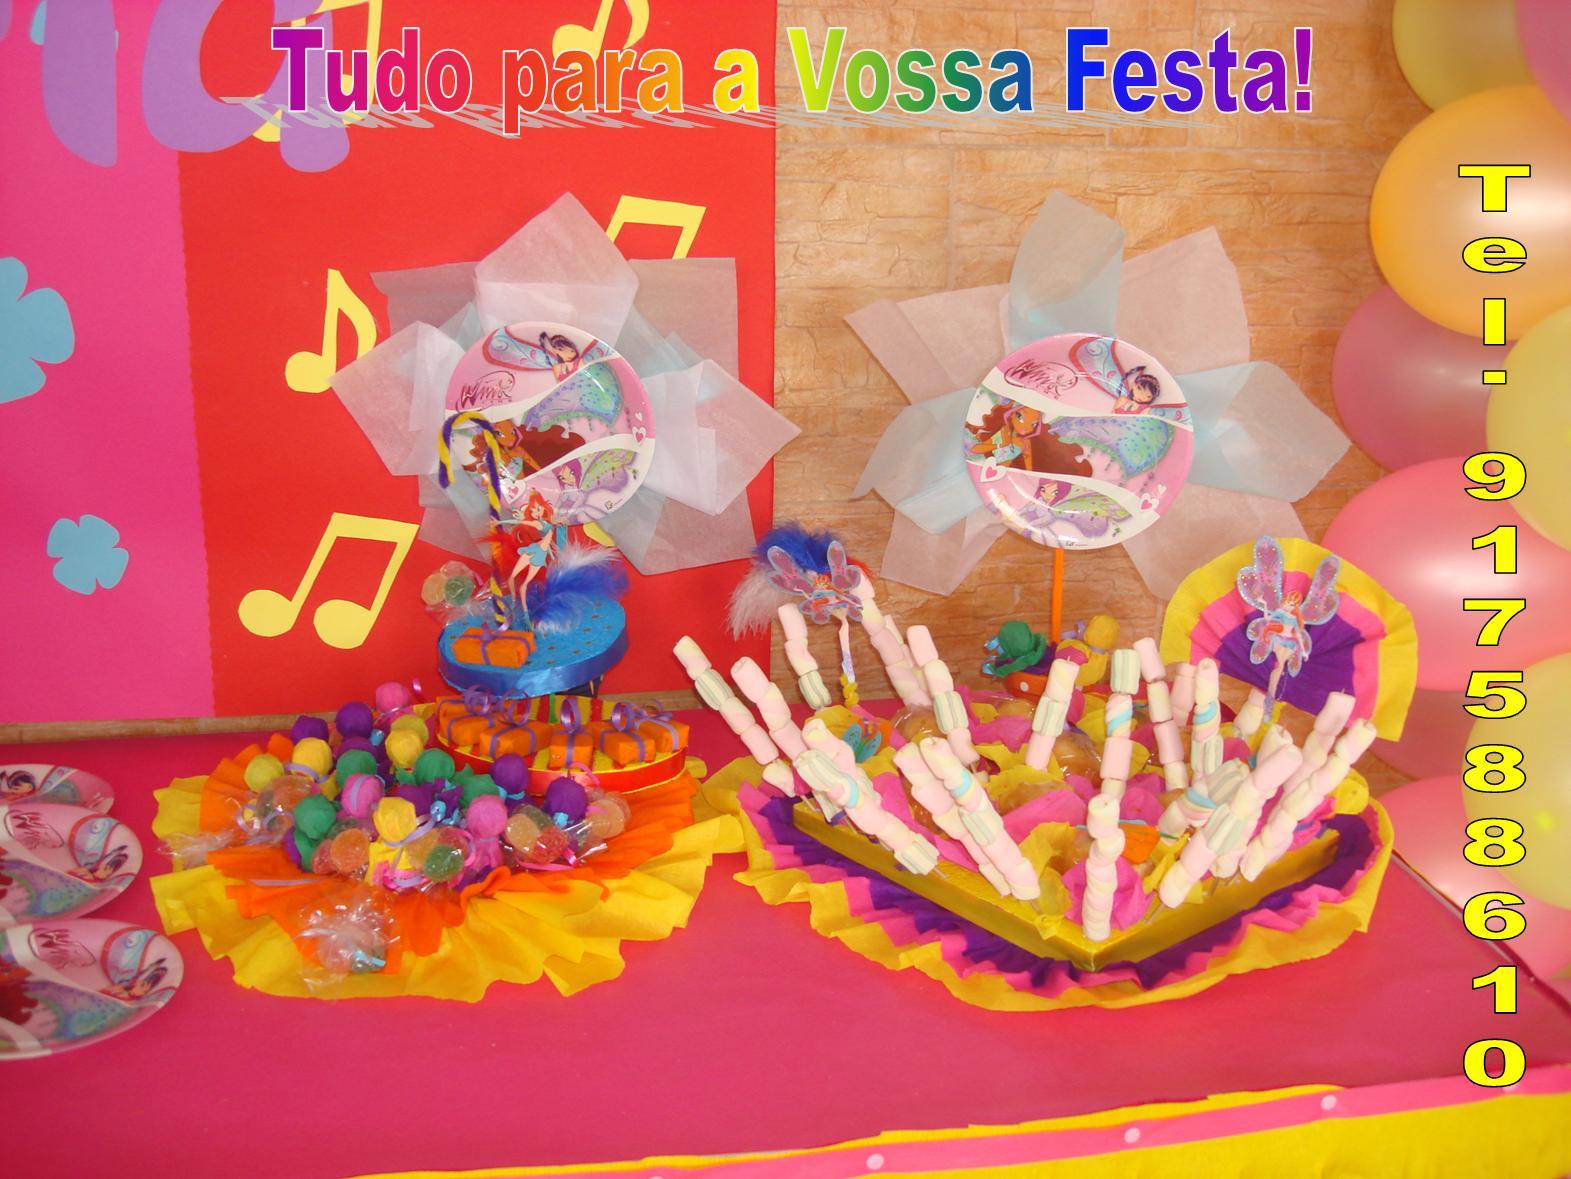 decoracao festa winx:Tudo para a Vossa Festa!!!!: Winx Cake!